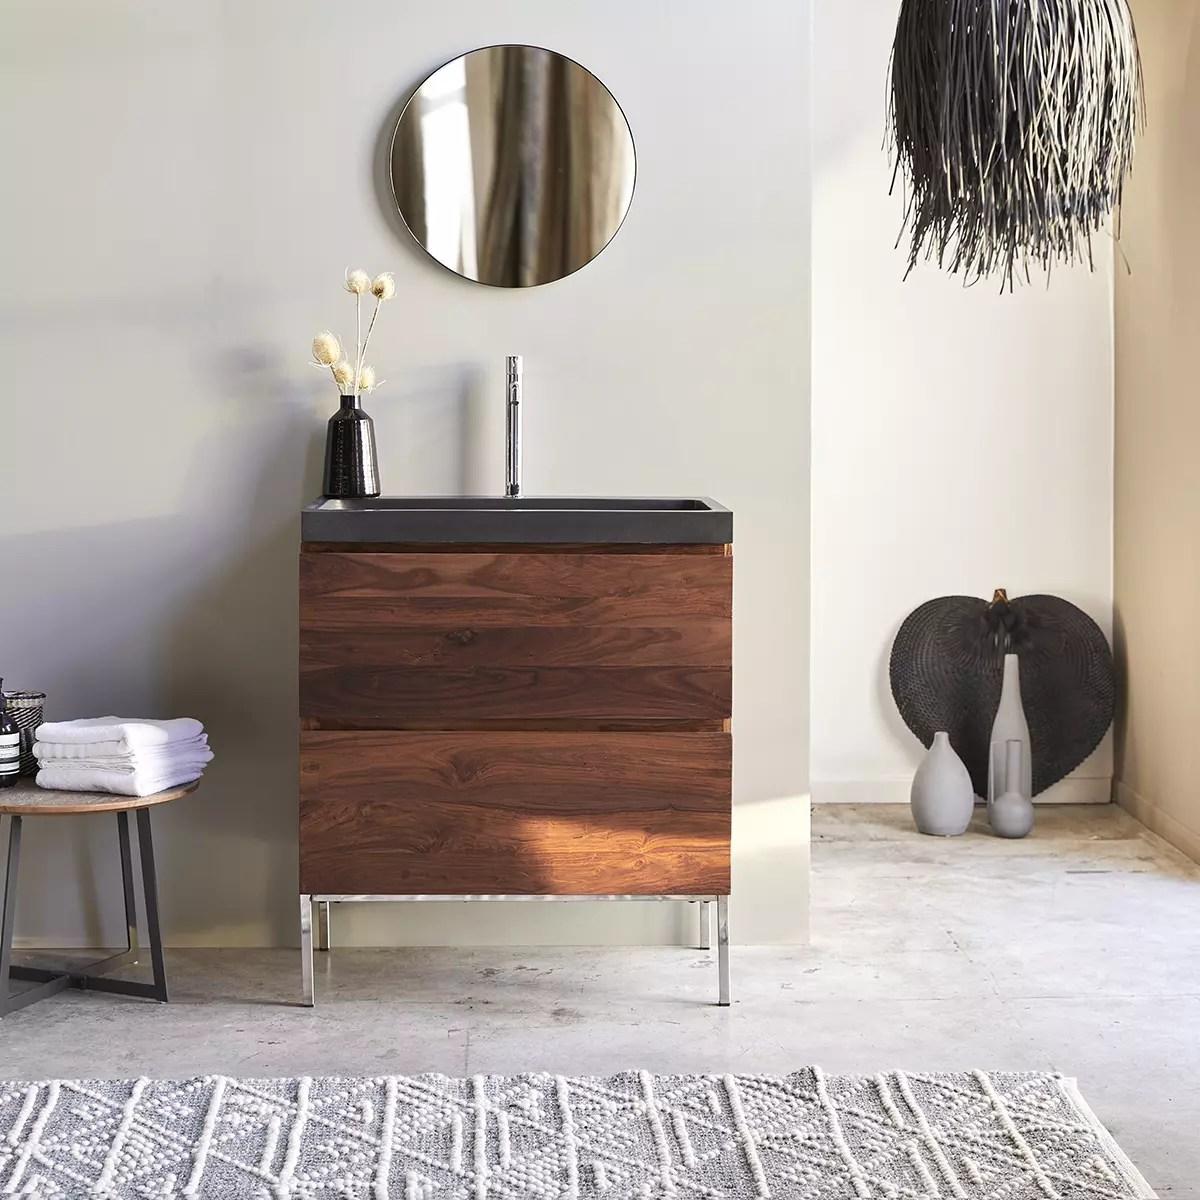 meuble salle de bain en palissandre massif et pierre de lave 80 nova